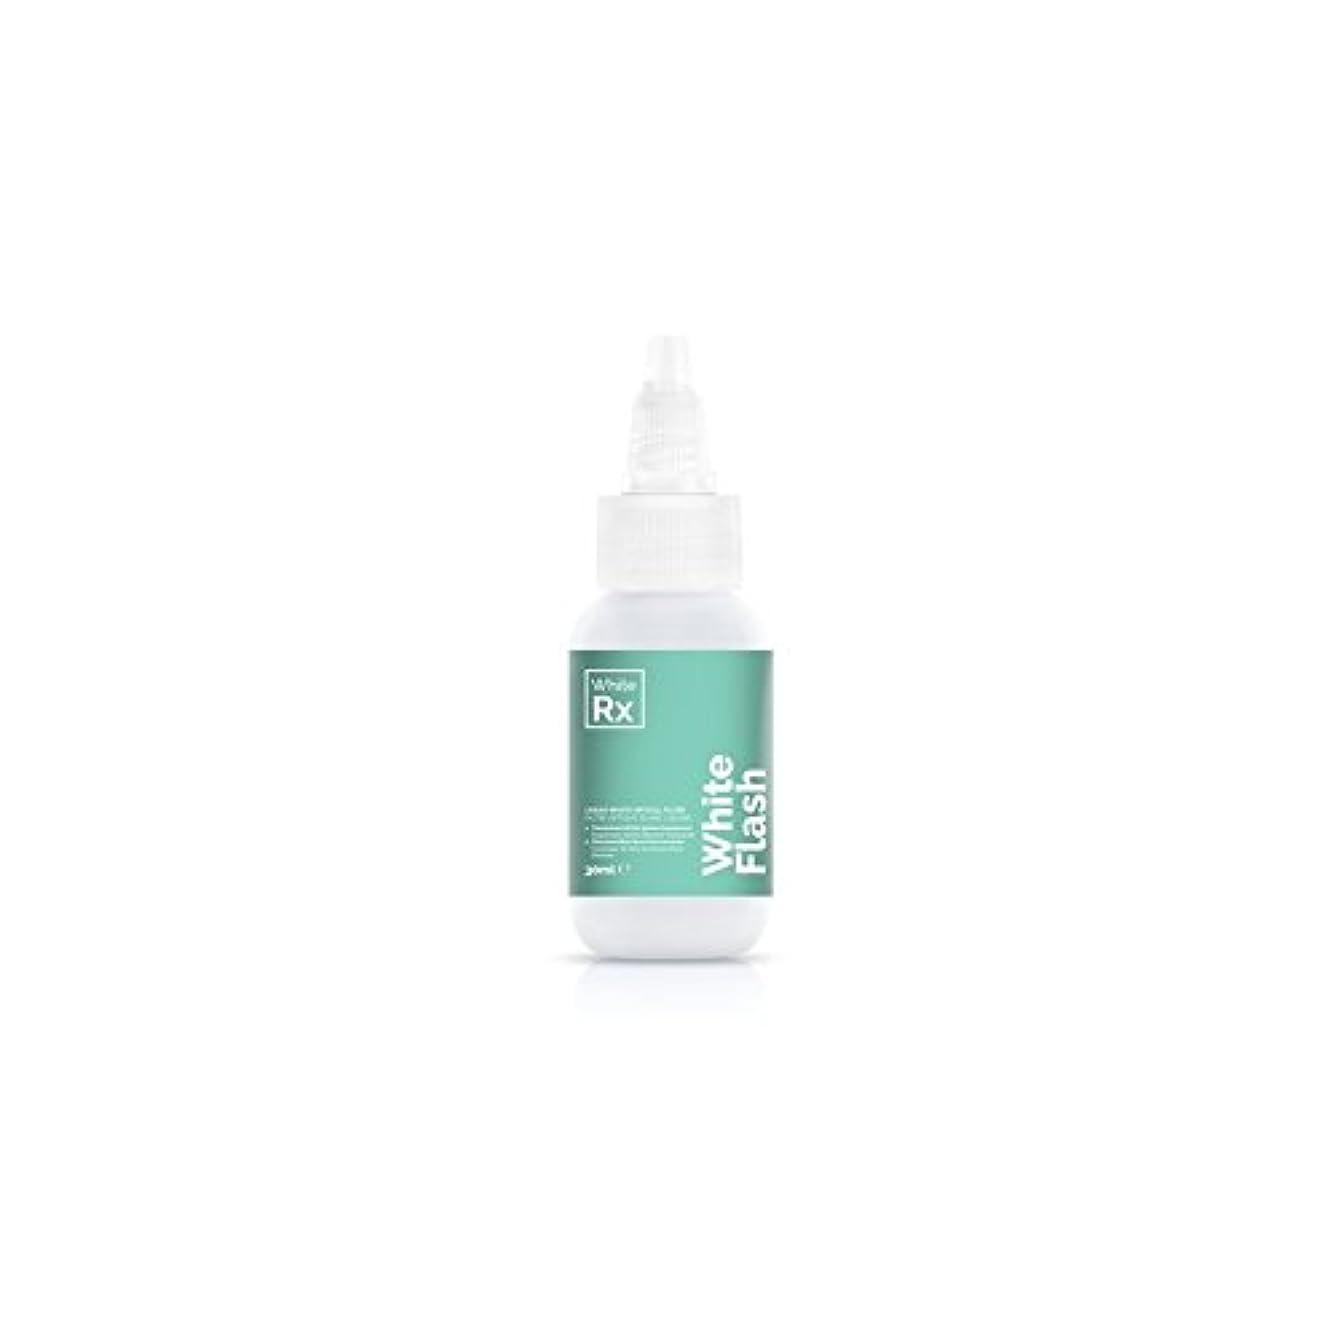 文香ばしいキウイ白いフラッシュスキントリートメント(30ミリリットル) x4 - Whiterx White Flash Skin Treatment (30ml) (Pack of 4) [並行輸入品]